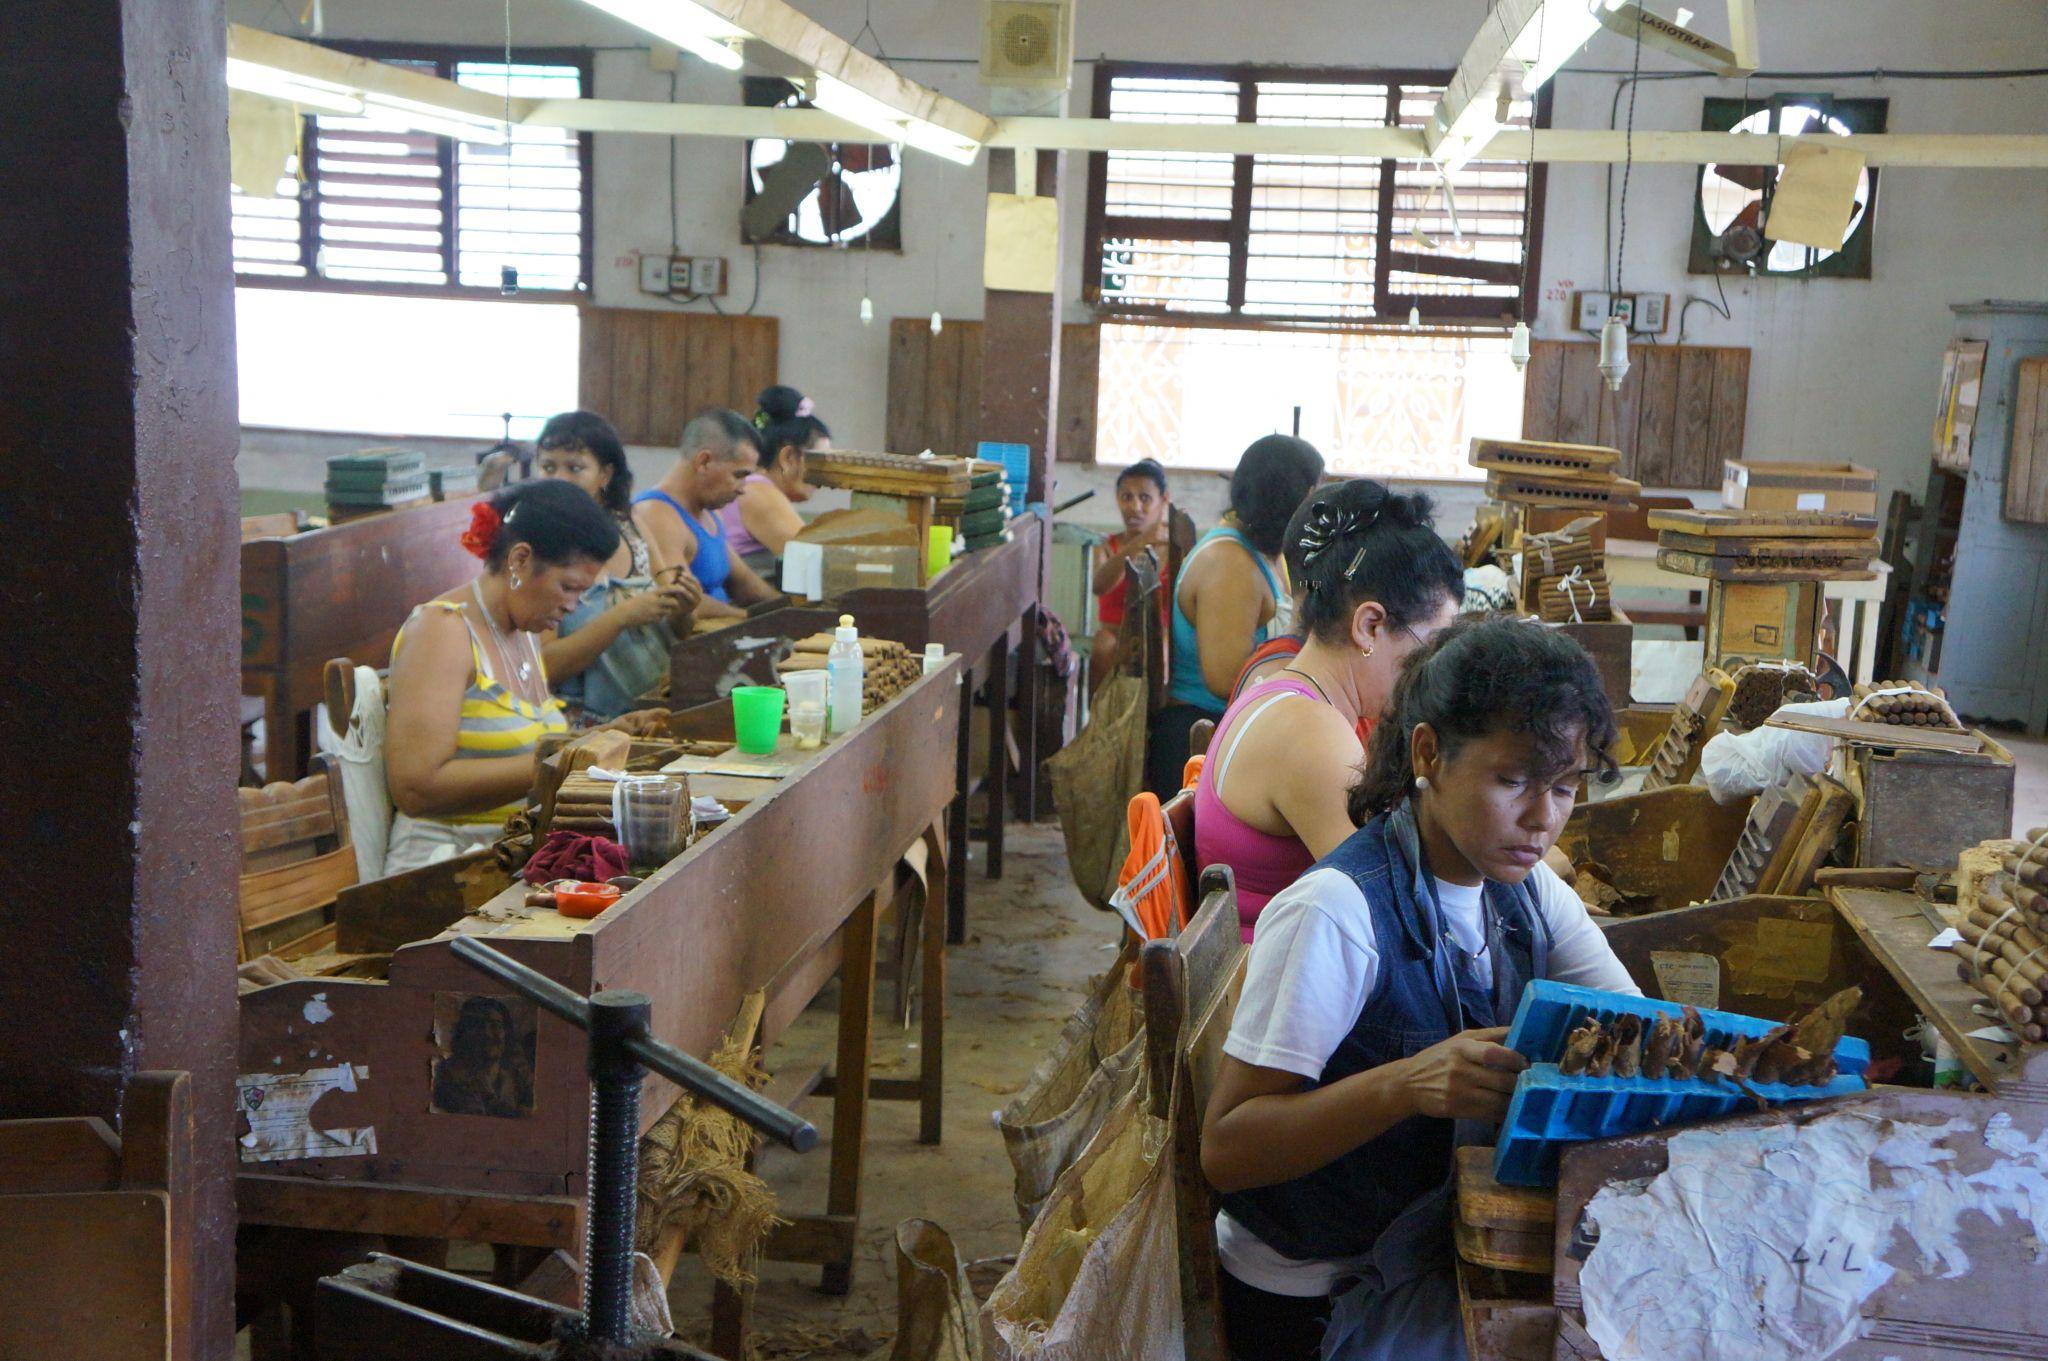 Cuban cigar factory in Trinidad, Cuba.